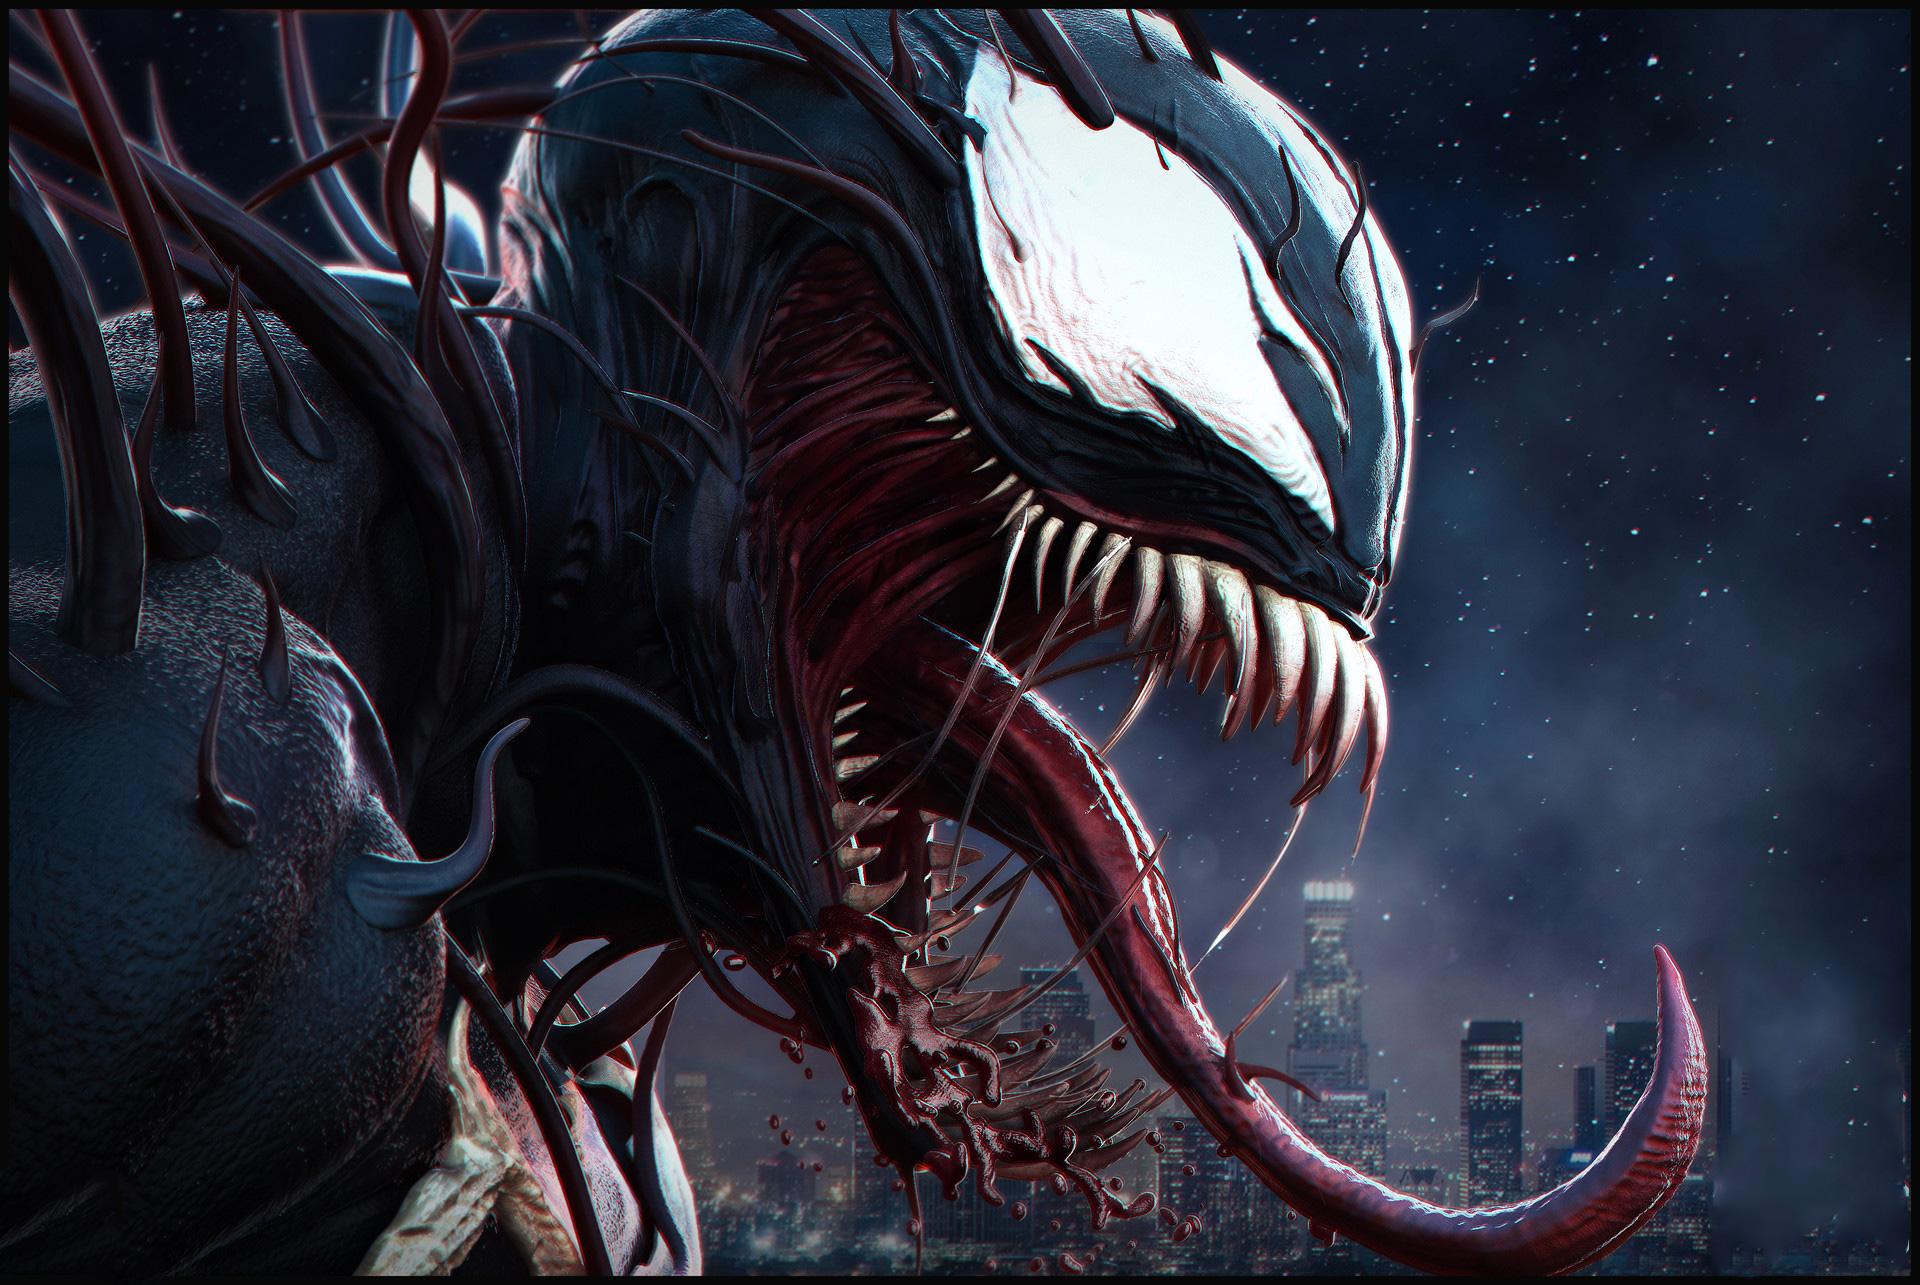 1920x1080 Venom Movie Digital Art Laptop Full HD 1080P HD ...